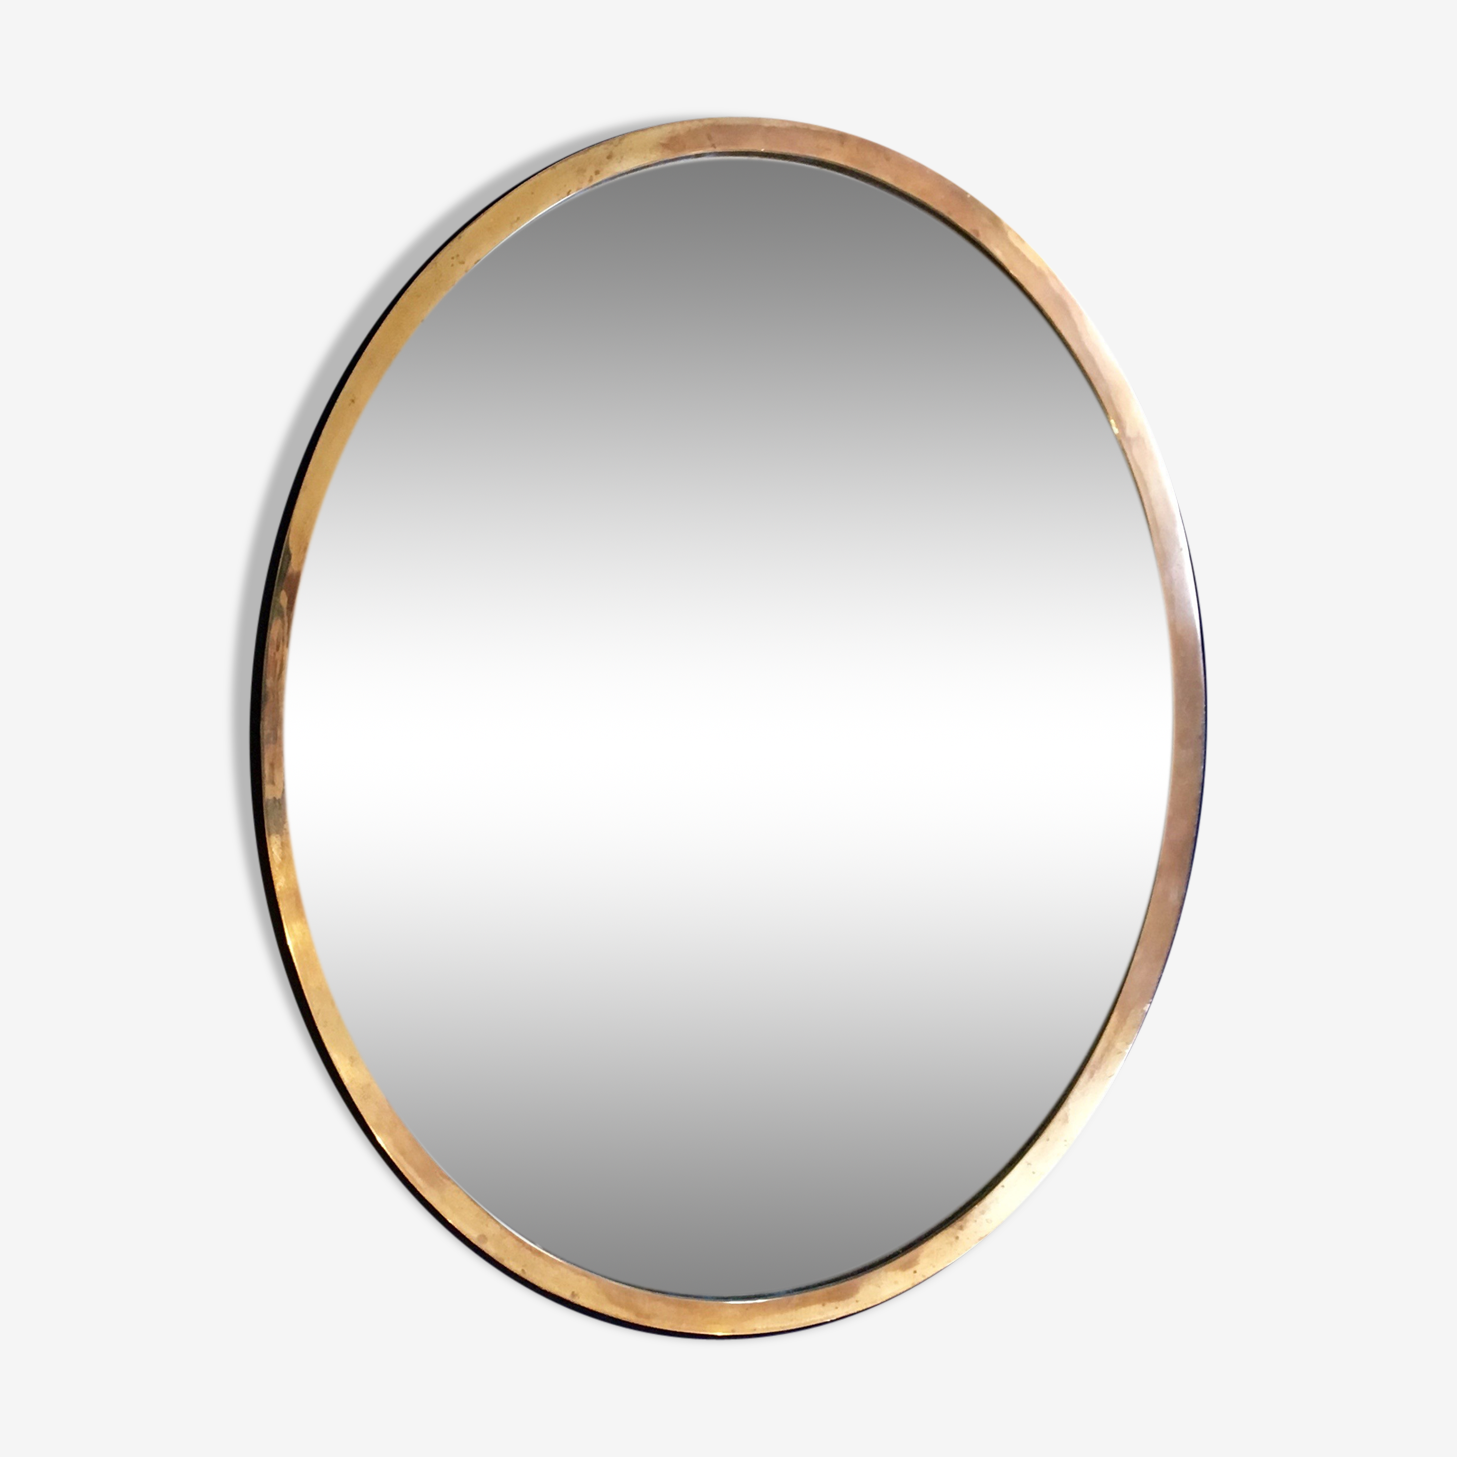 Miroir en laiton Italie années 60 56x71cm